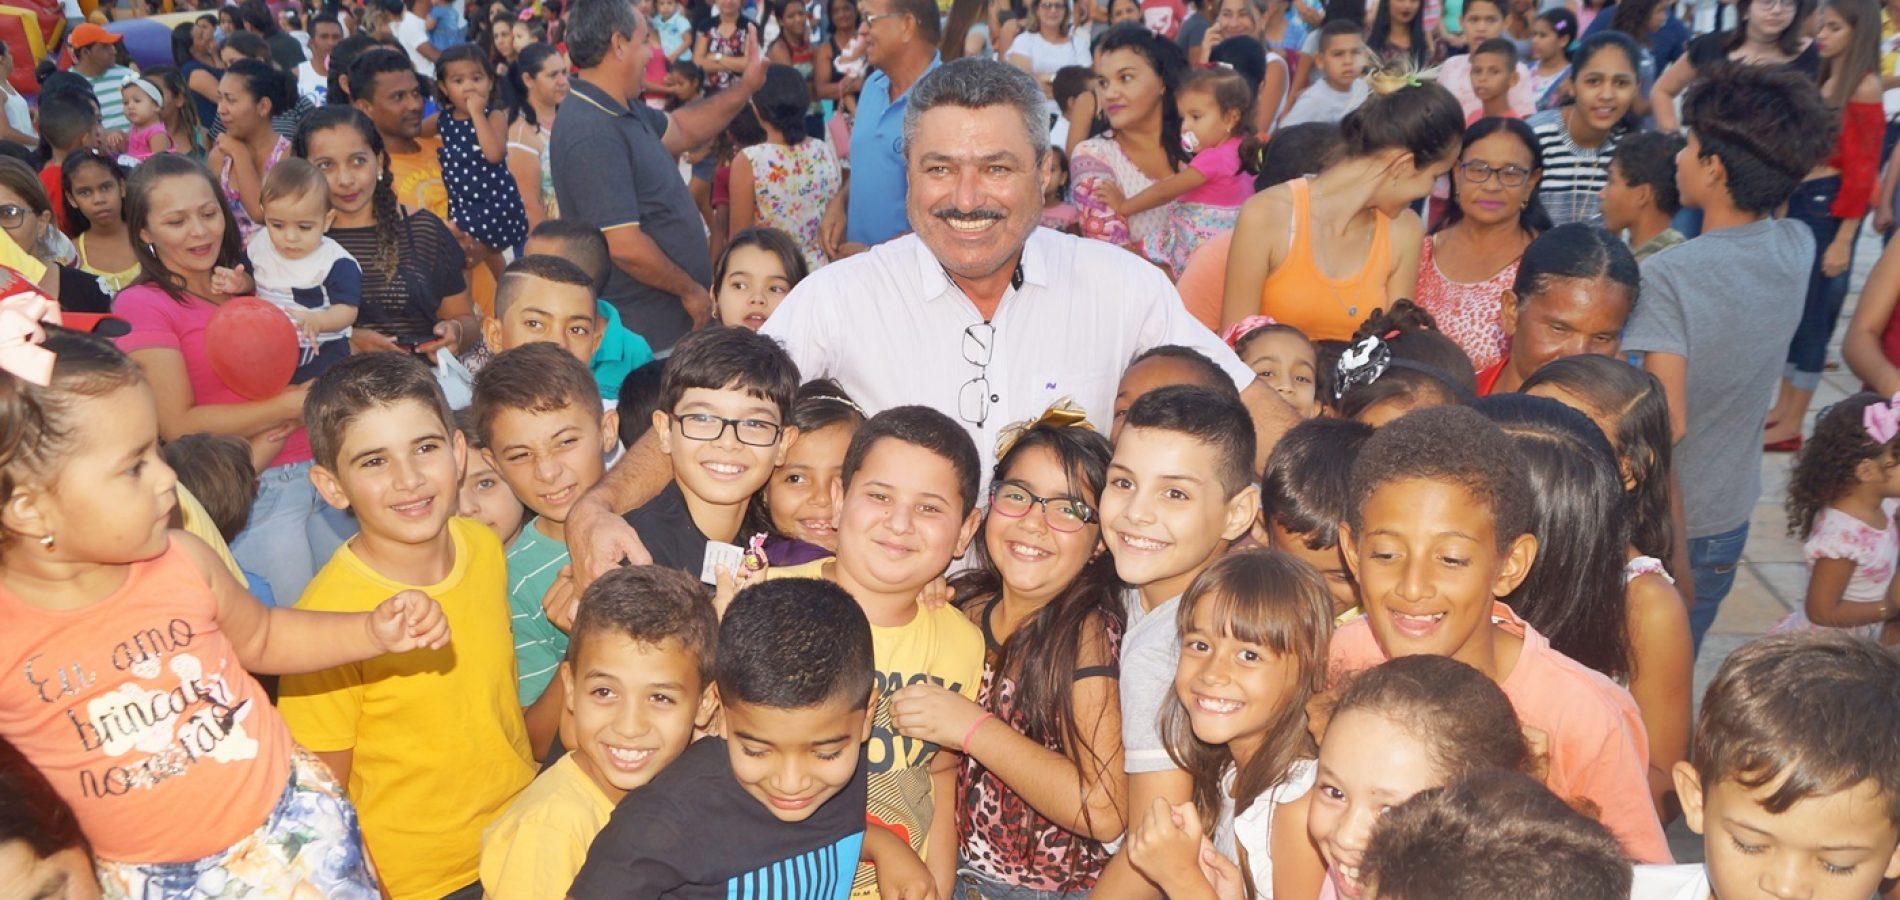 Prefeitura de Simões promove evento para crianças no aniversário de 63 anos de emancipação